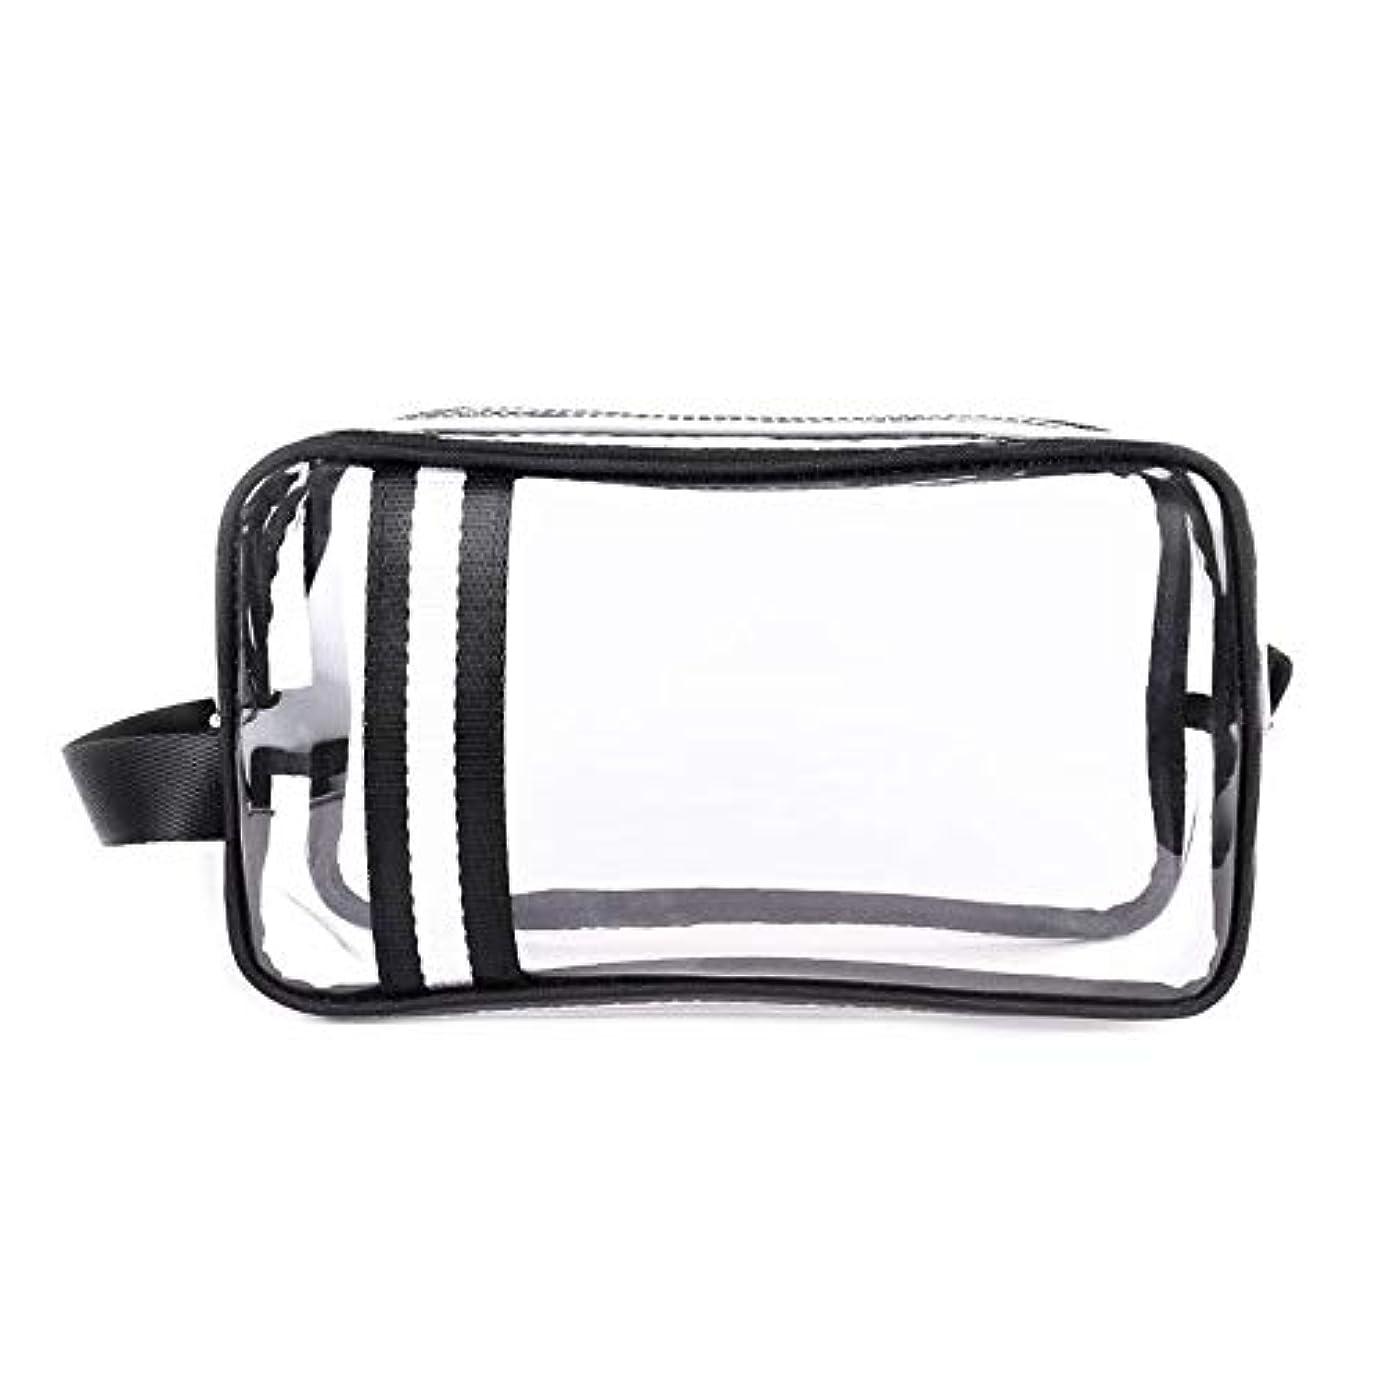 腐食する研磨アクセサリーKYAWJY 防水透明PVCウォッシュバッグ、旅行ポータブル収納バッグ、大容量ハンドバッグ、メンズ屋外仕上げパッケージ